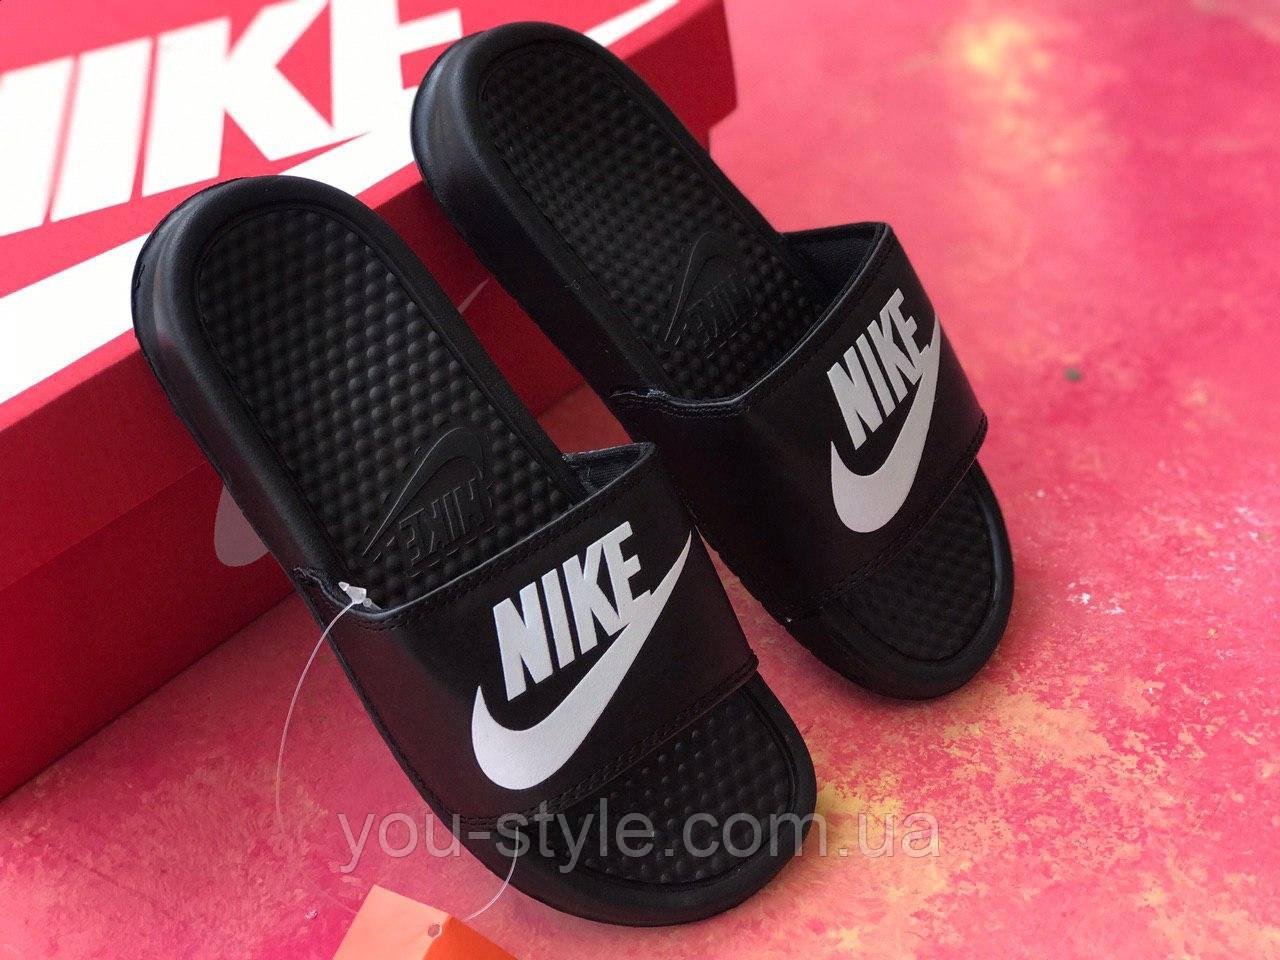 Сланцы/шлепки Nike женские(черно-белый значок)/ шлепки/ тапки найк/шлепанцы/тапочки